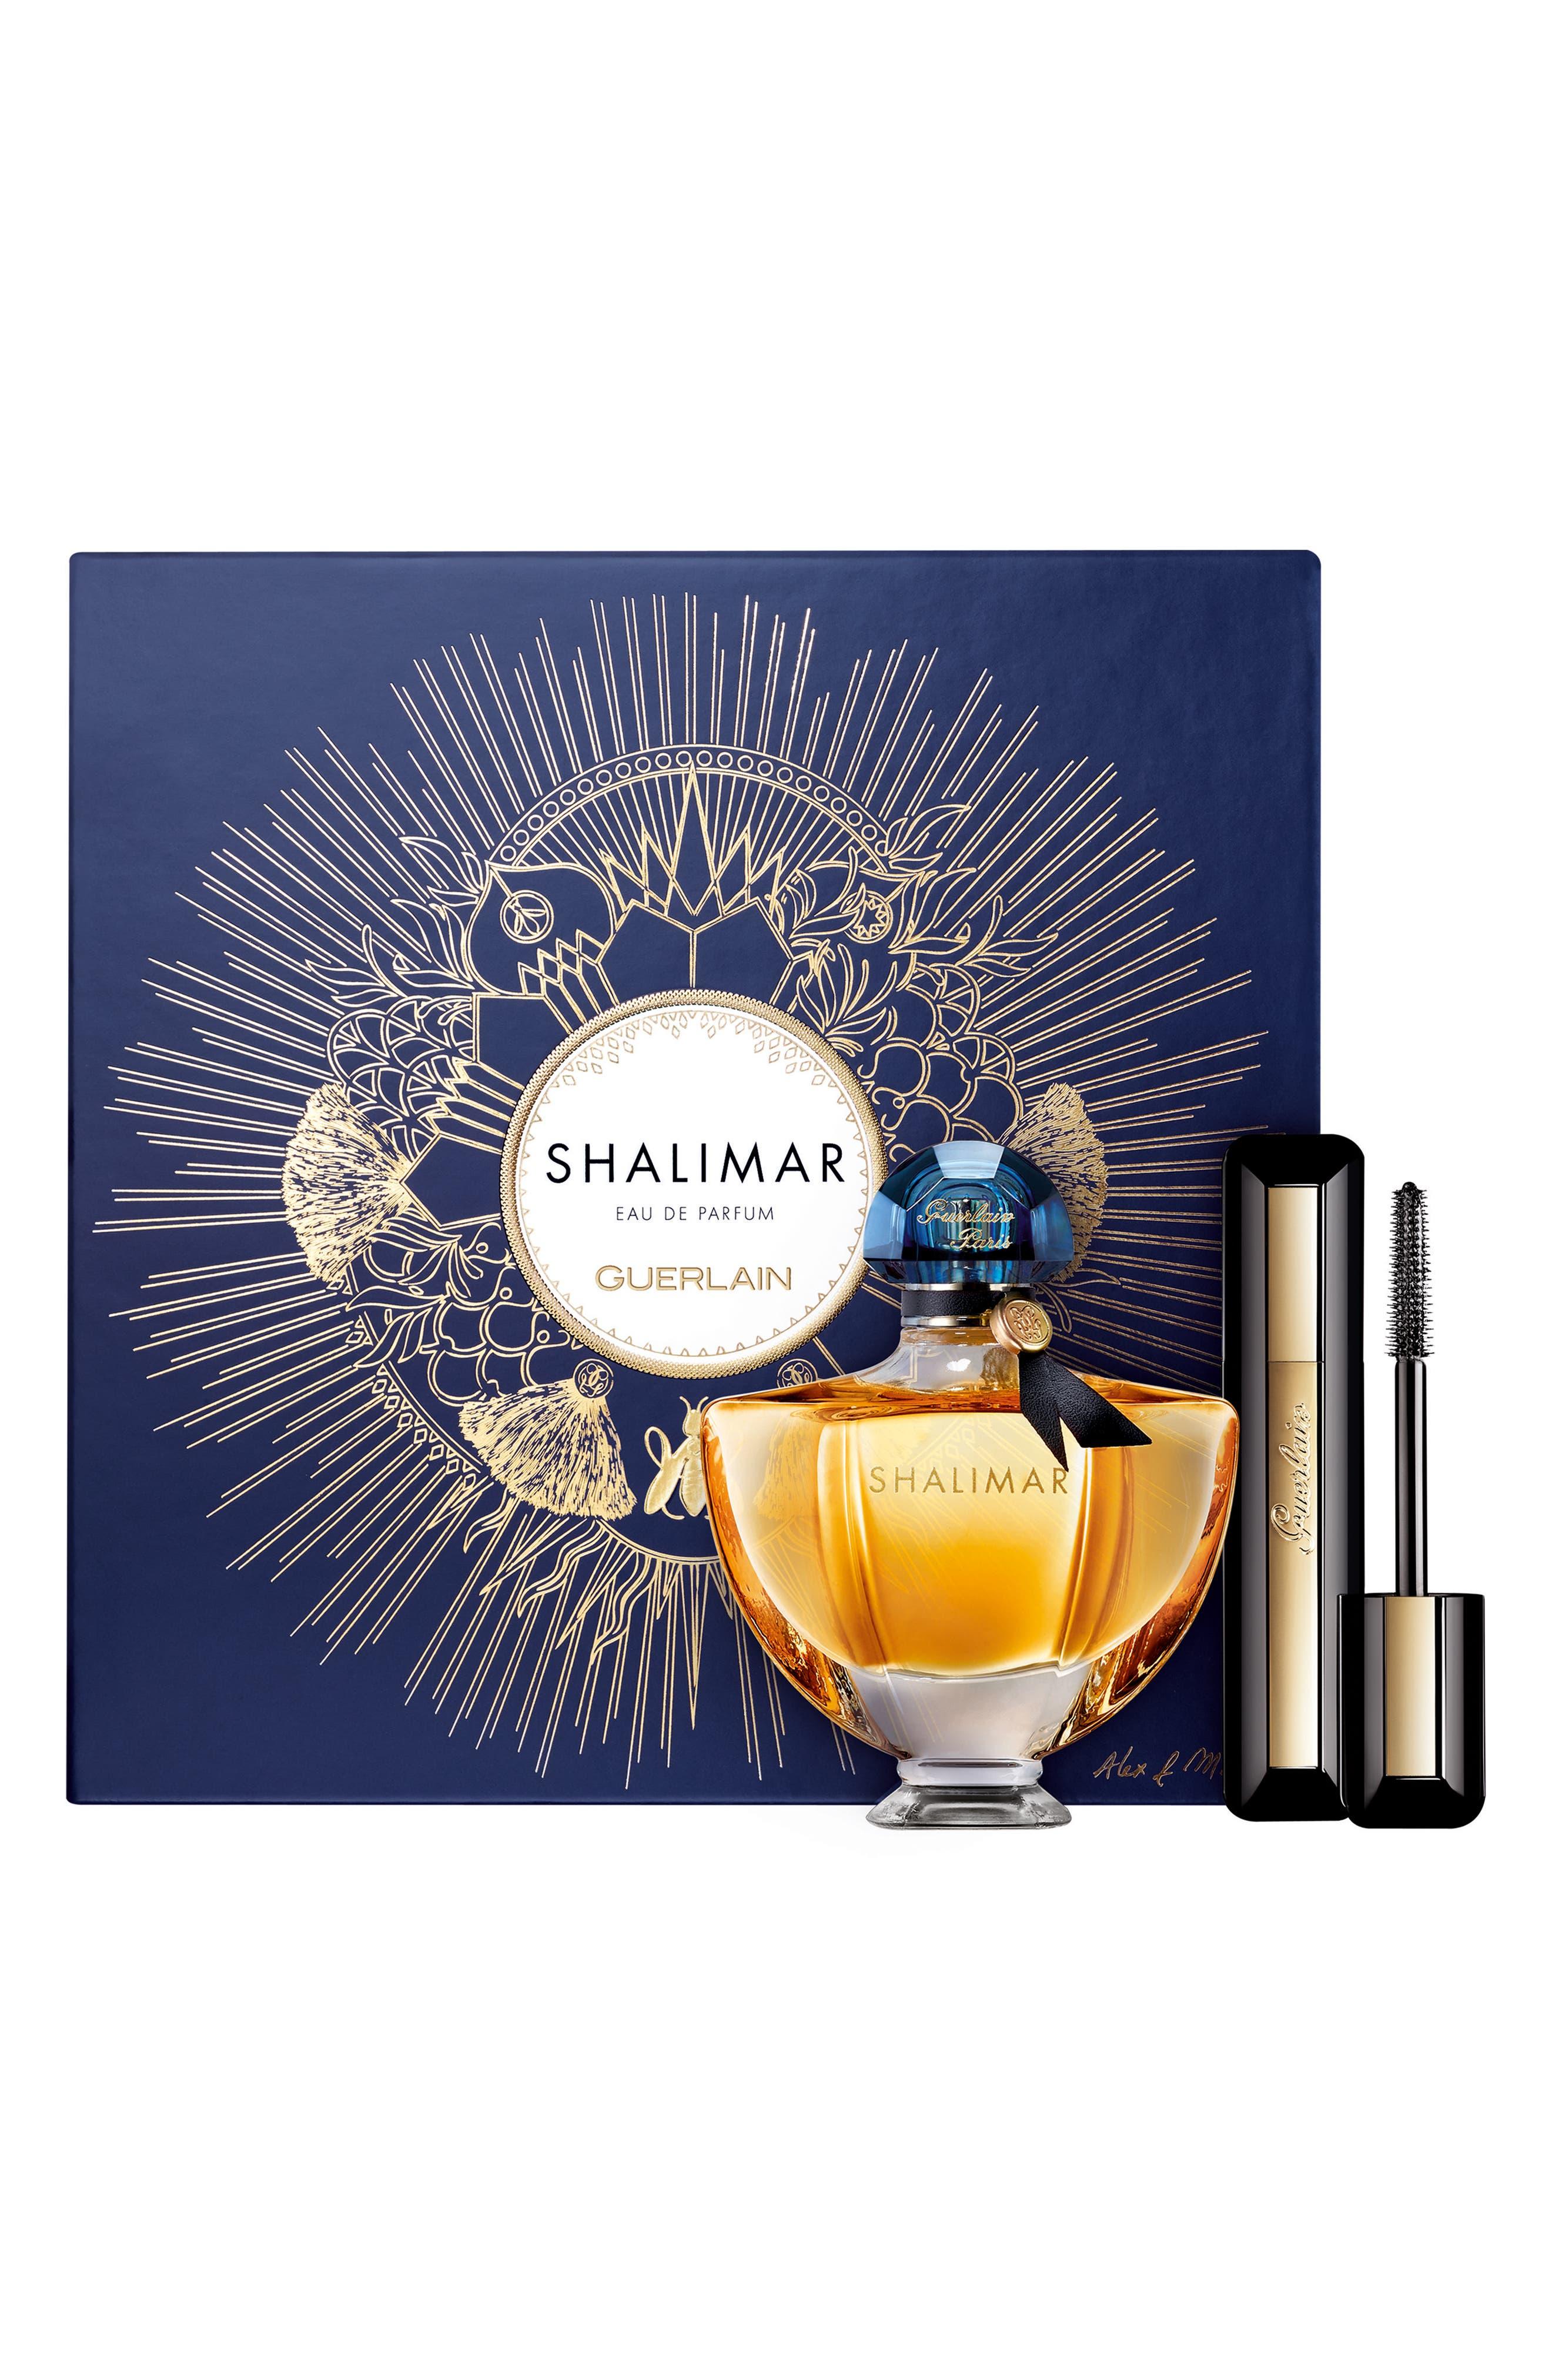 Alex & Marine Shalimar Eau de Parfum & Mascara Set,                             Main thumbnail 1, color,                             000